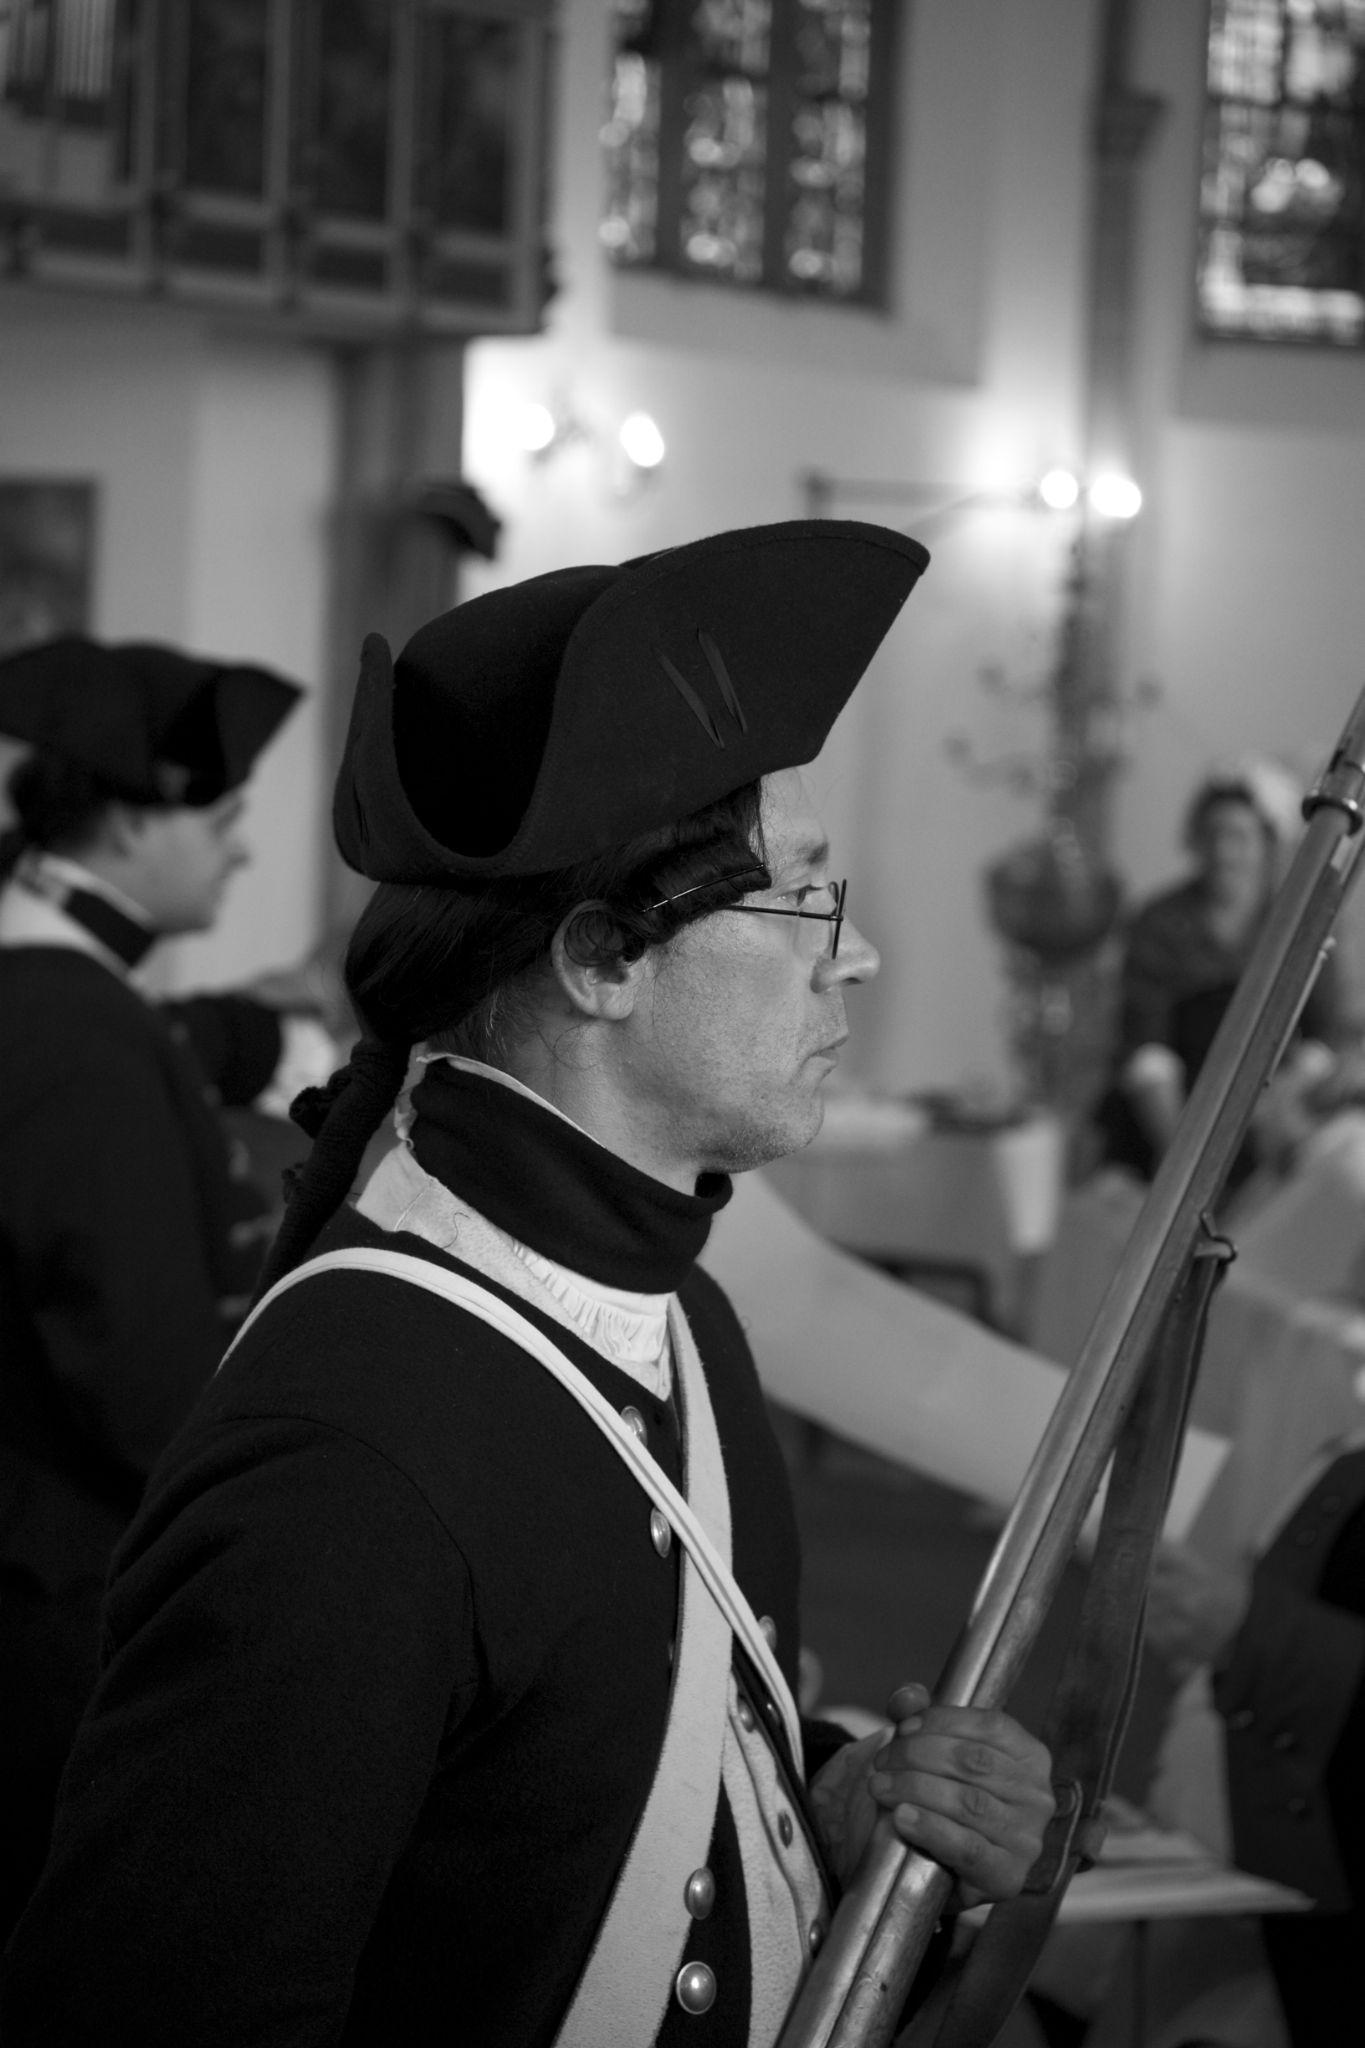 Soldier by peterkryzun